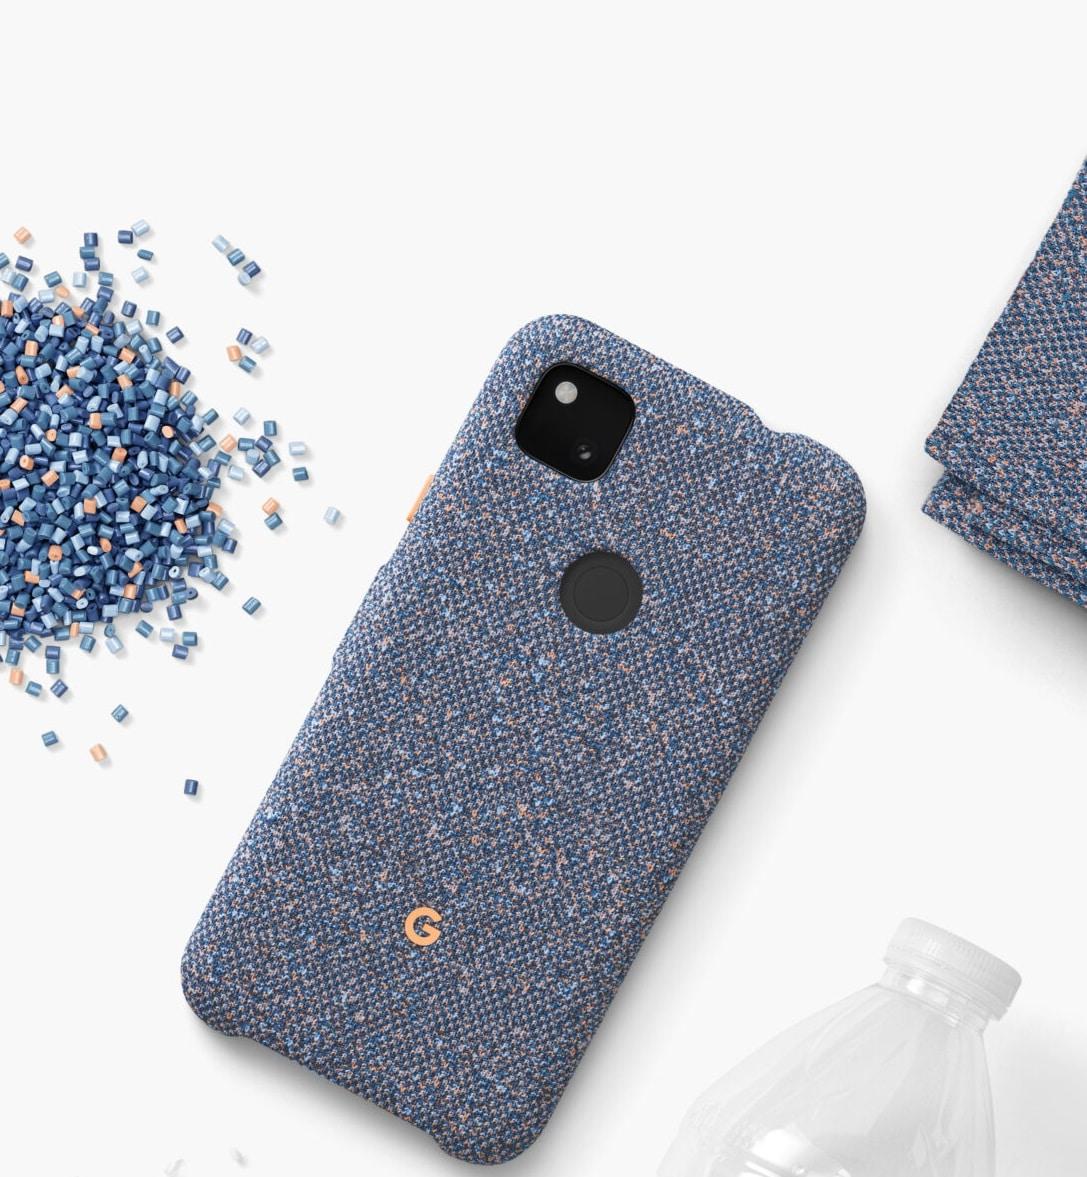 Plastikten Dönüştürülmüş Telefon Kılıfı